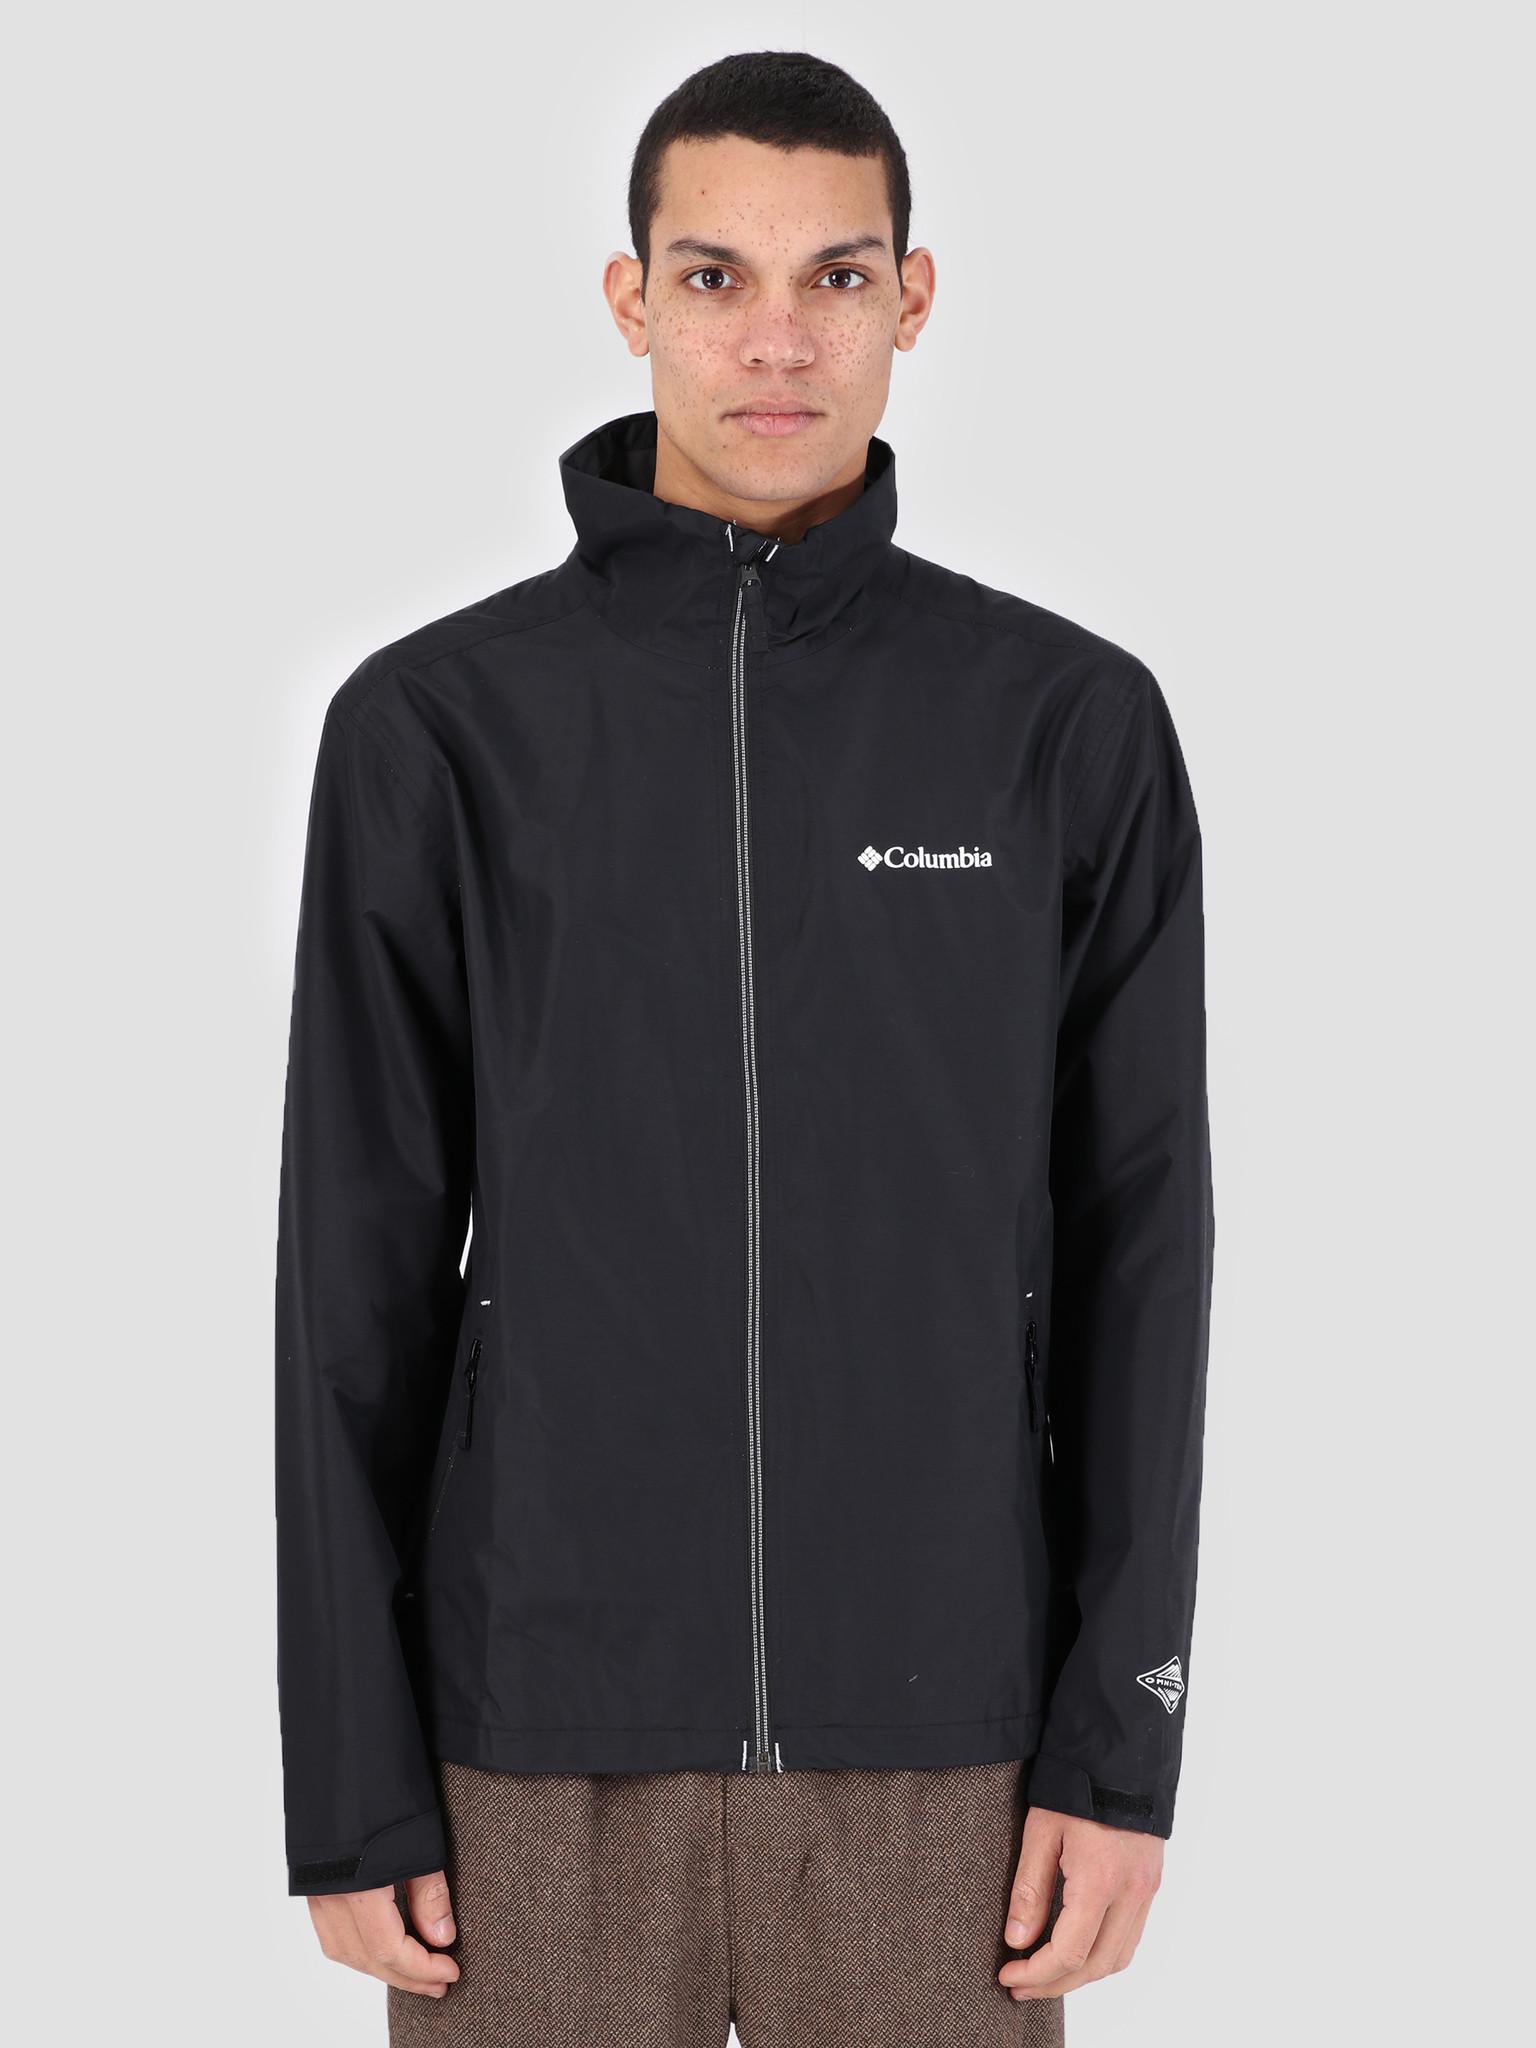 Columbia Bradley Peak Jacket Black 1772771010